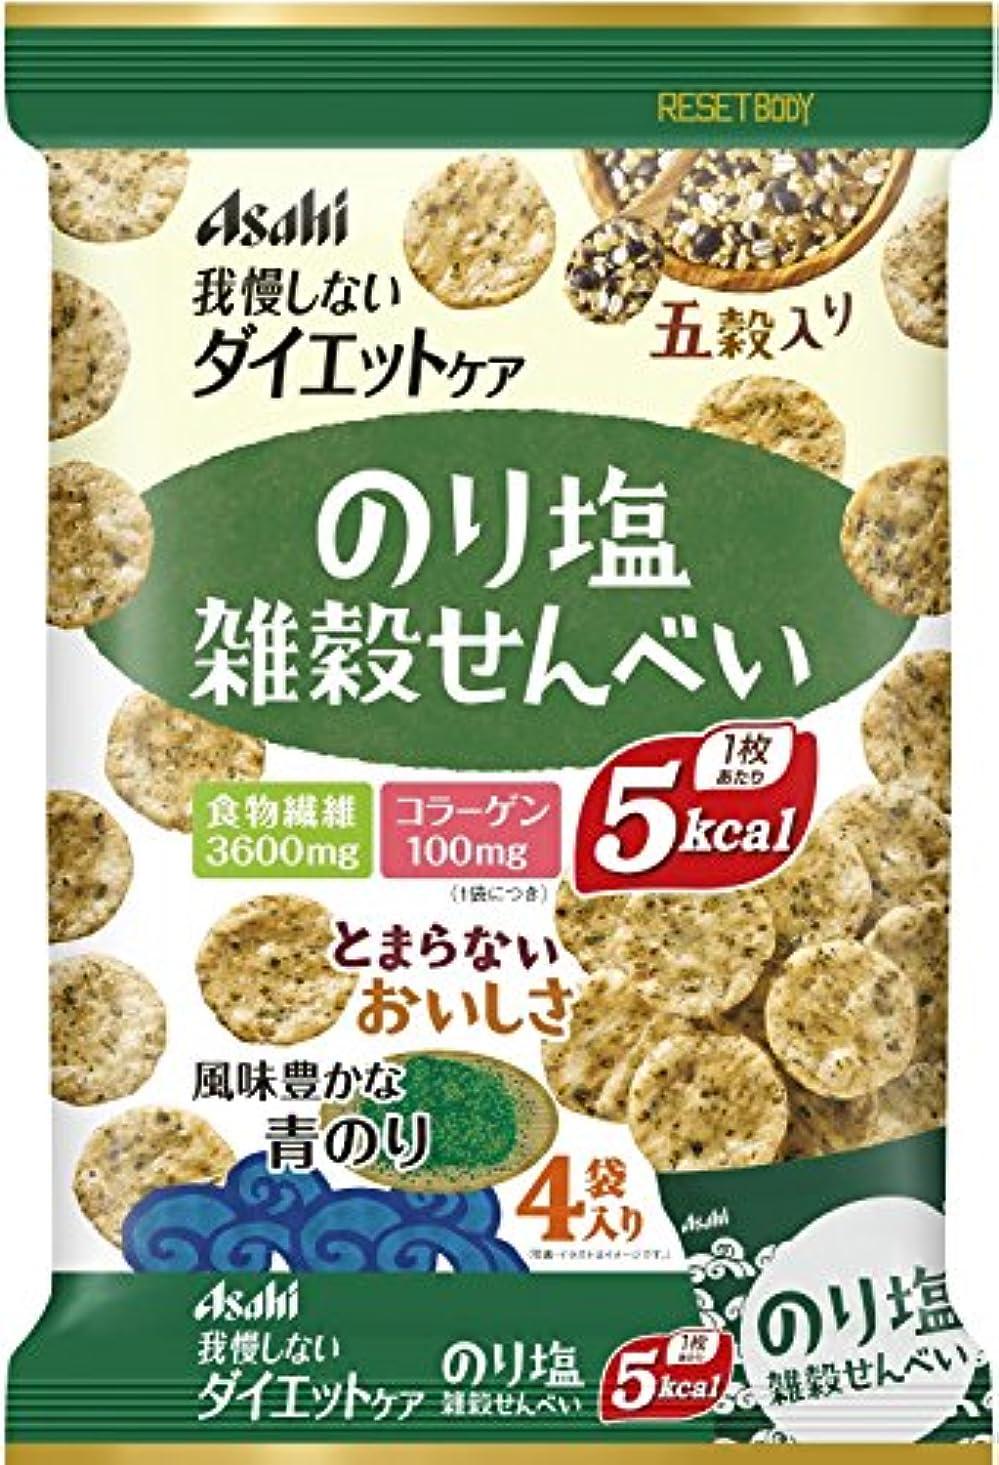 集まる文言ずんぐりしたリセットボディ 雑穀せんべい のり塩味 88g(22g×4袋)